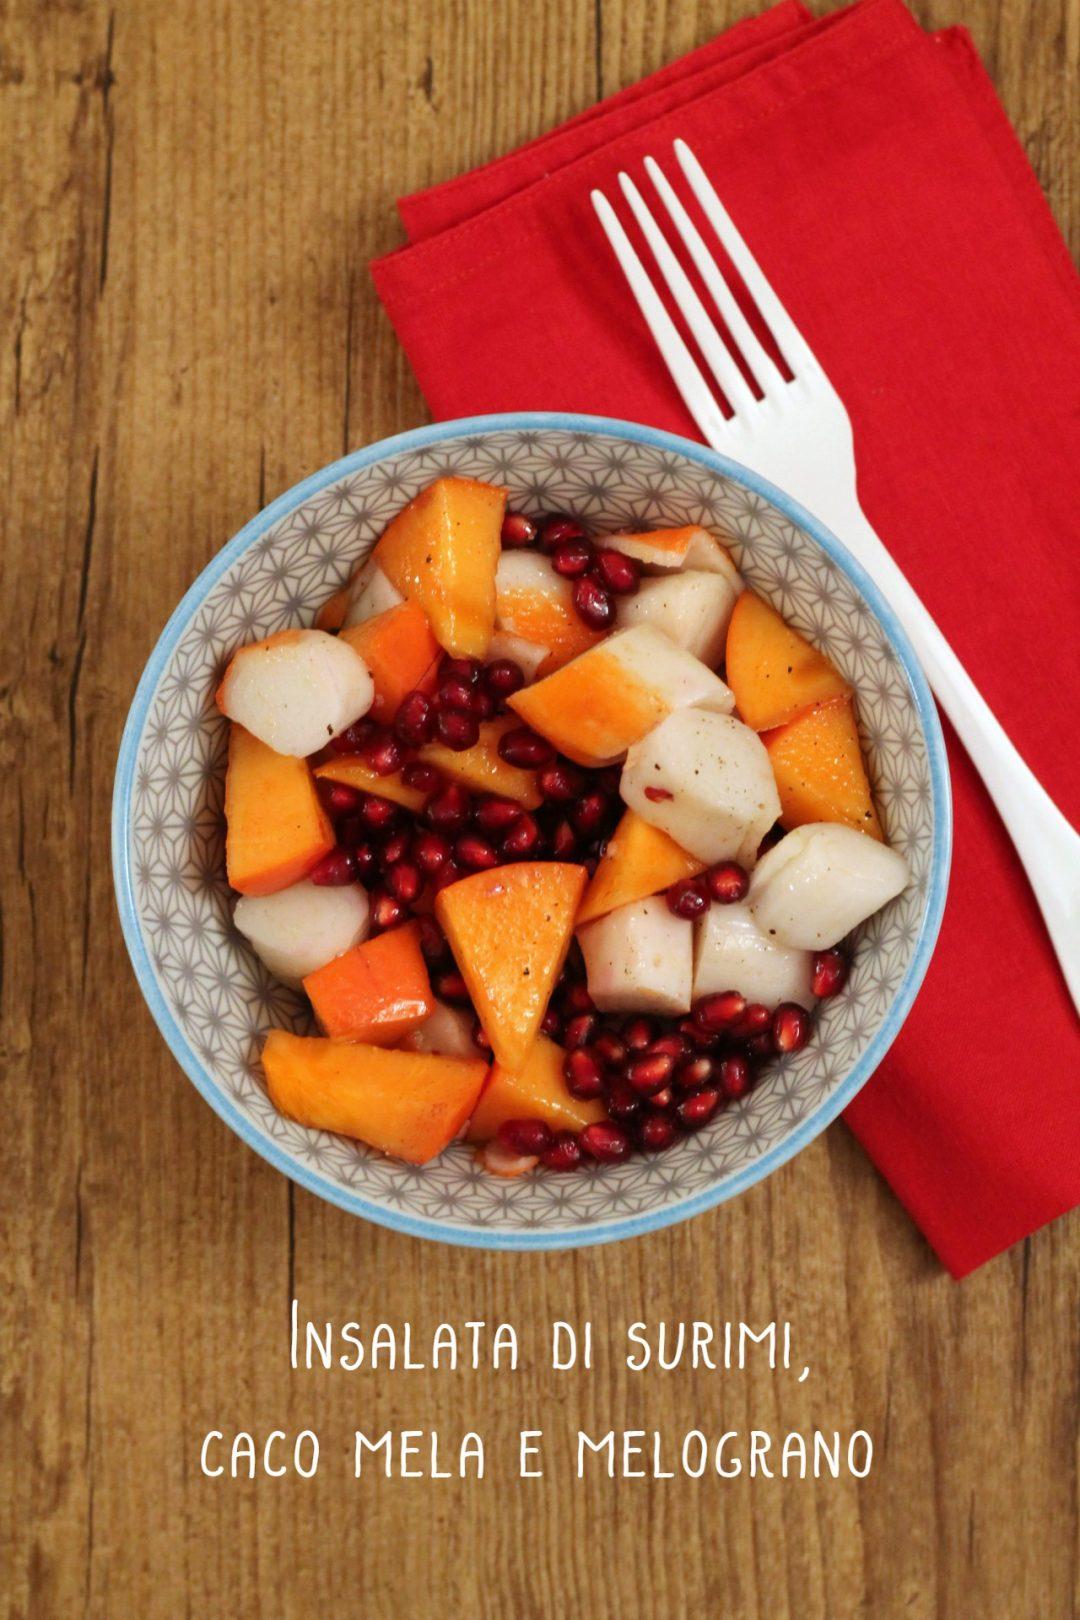 insalata-surimi-caco-mela-e-melograno